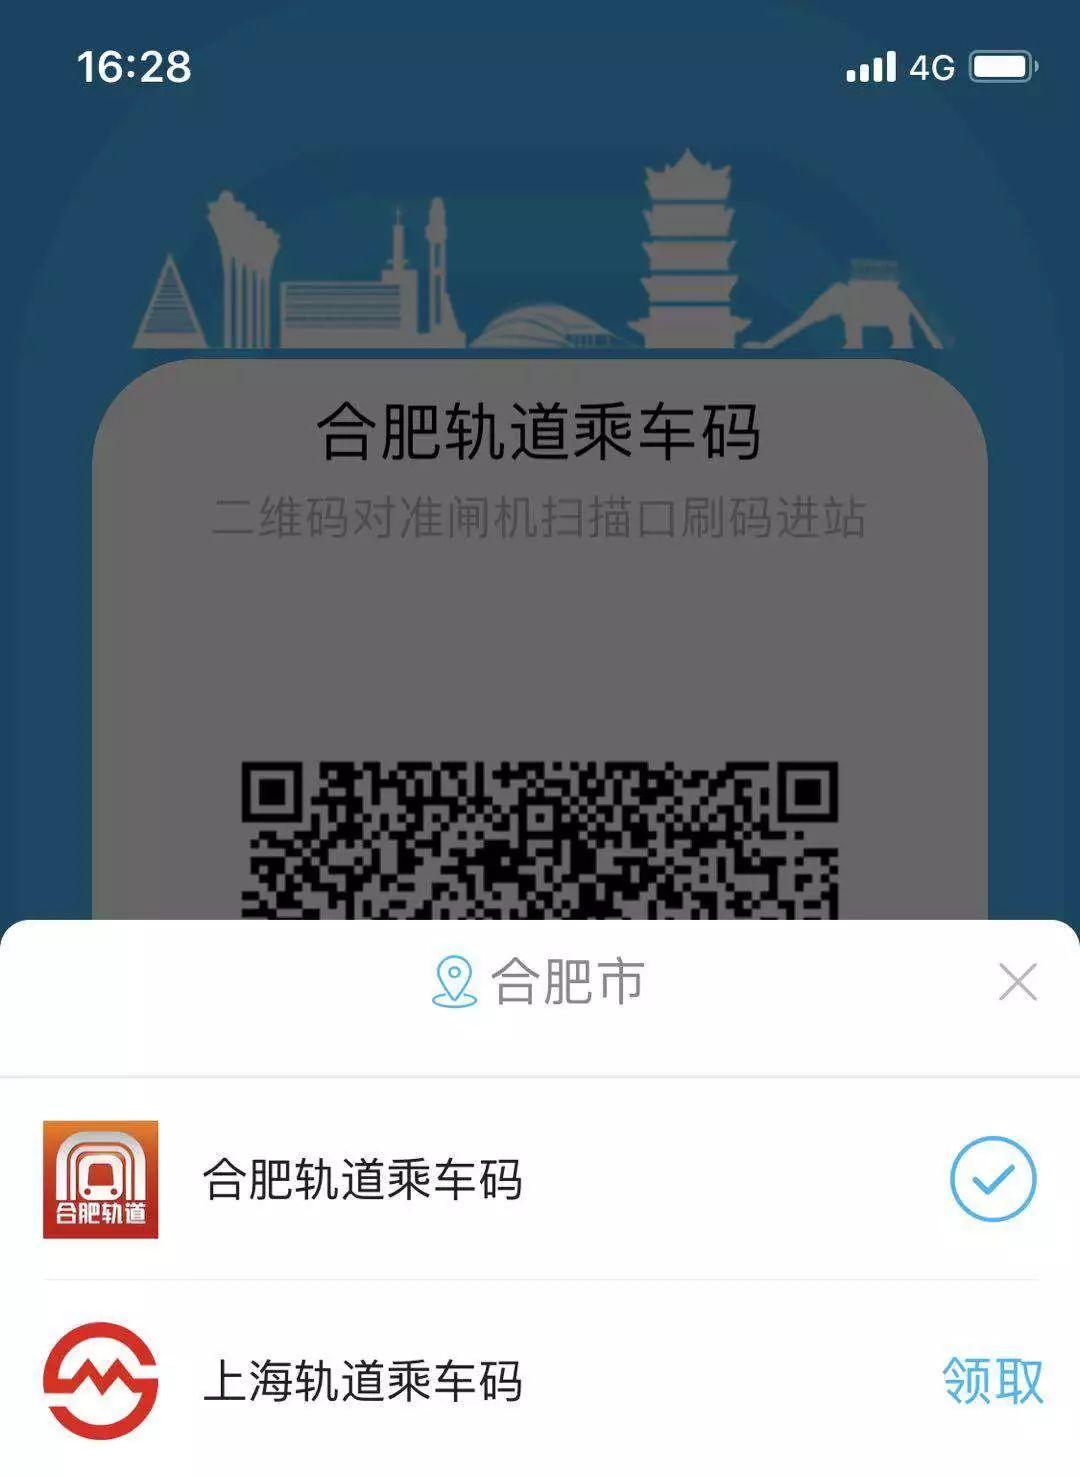 合肥地铁乘车二维码坐上海地铁步骤详解